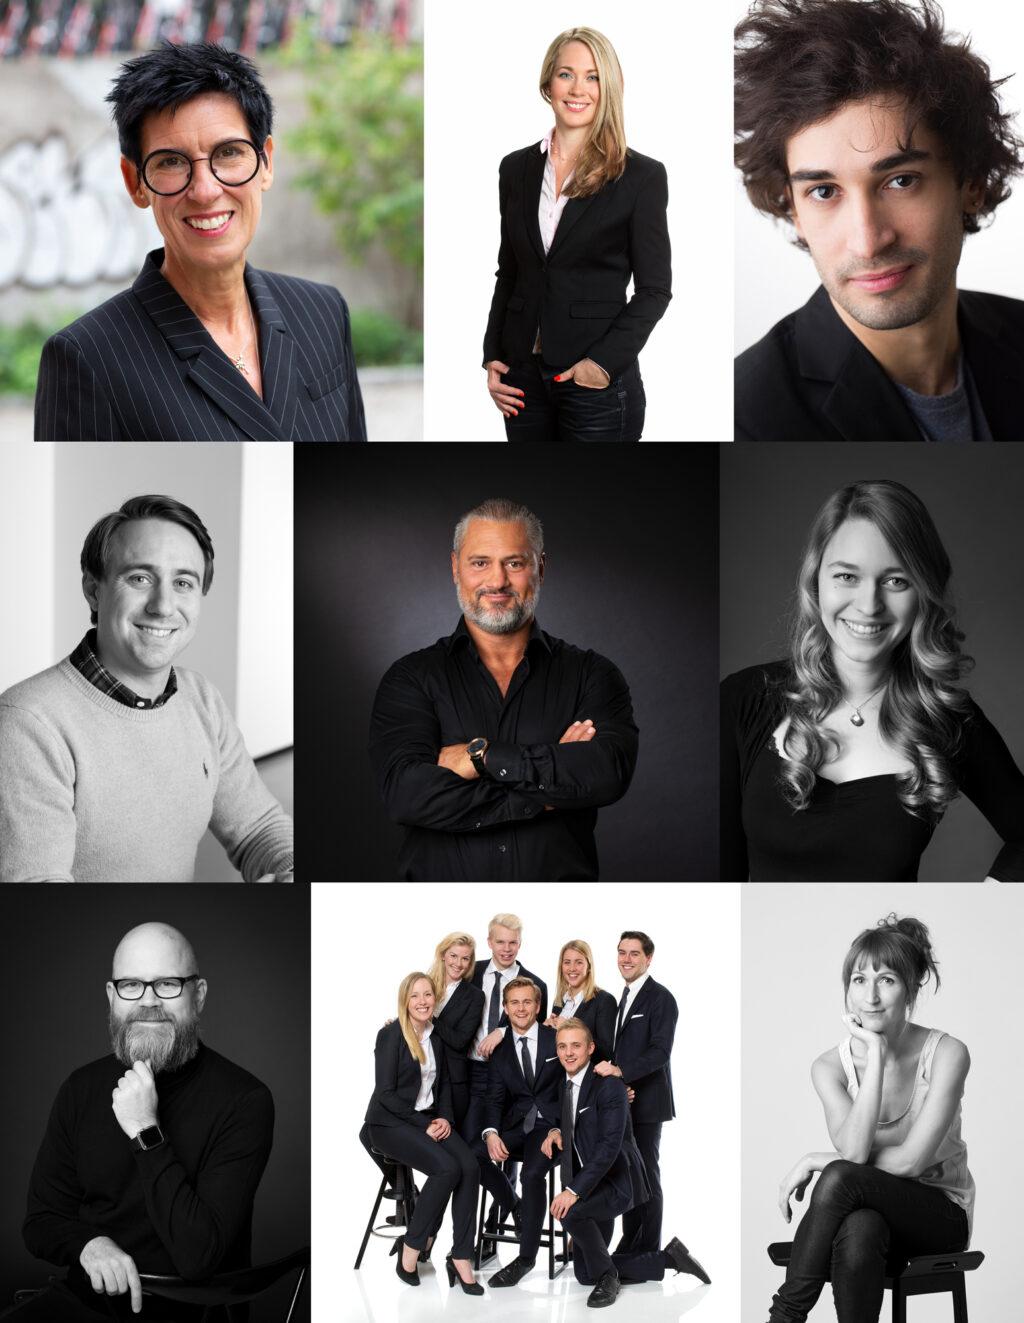 Företagsporträtt i studio kontor eller ute. stora grupper eller enskilda porträtt.